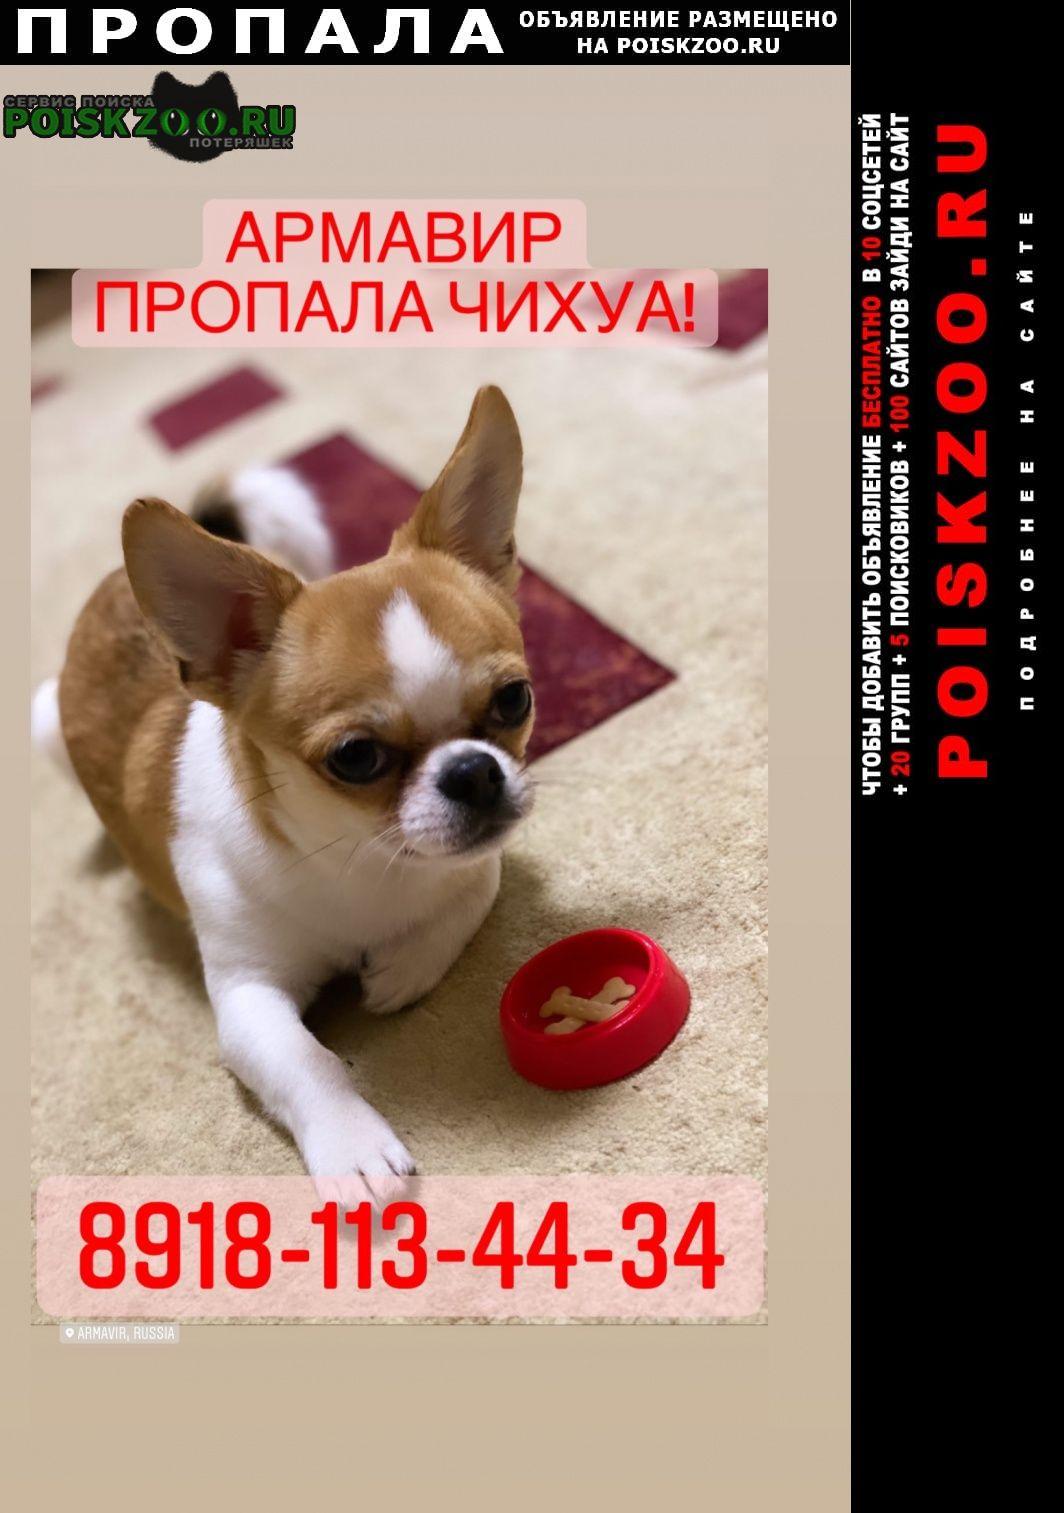 Пропала собака кобель Армавир